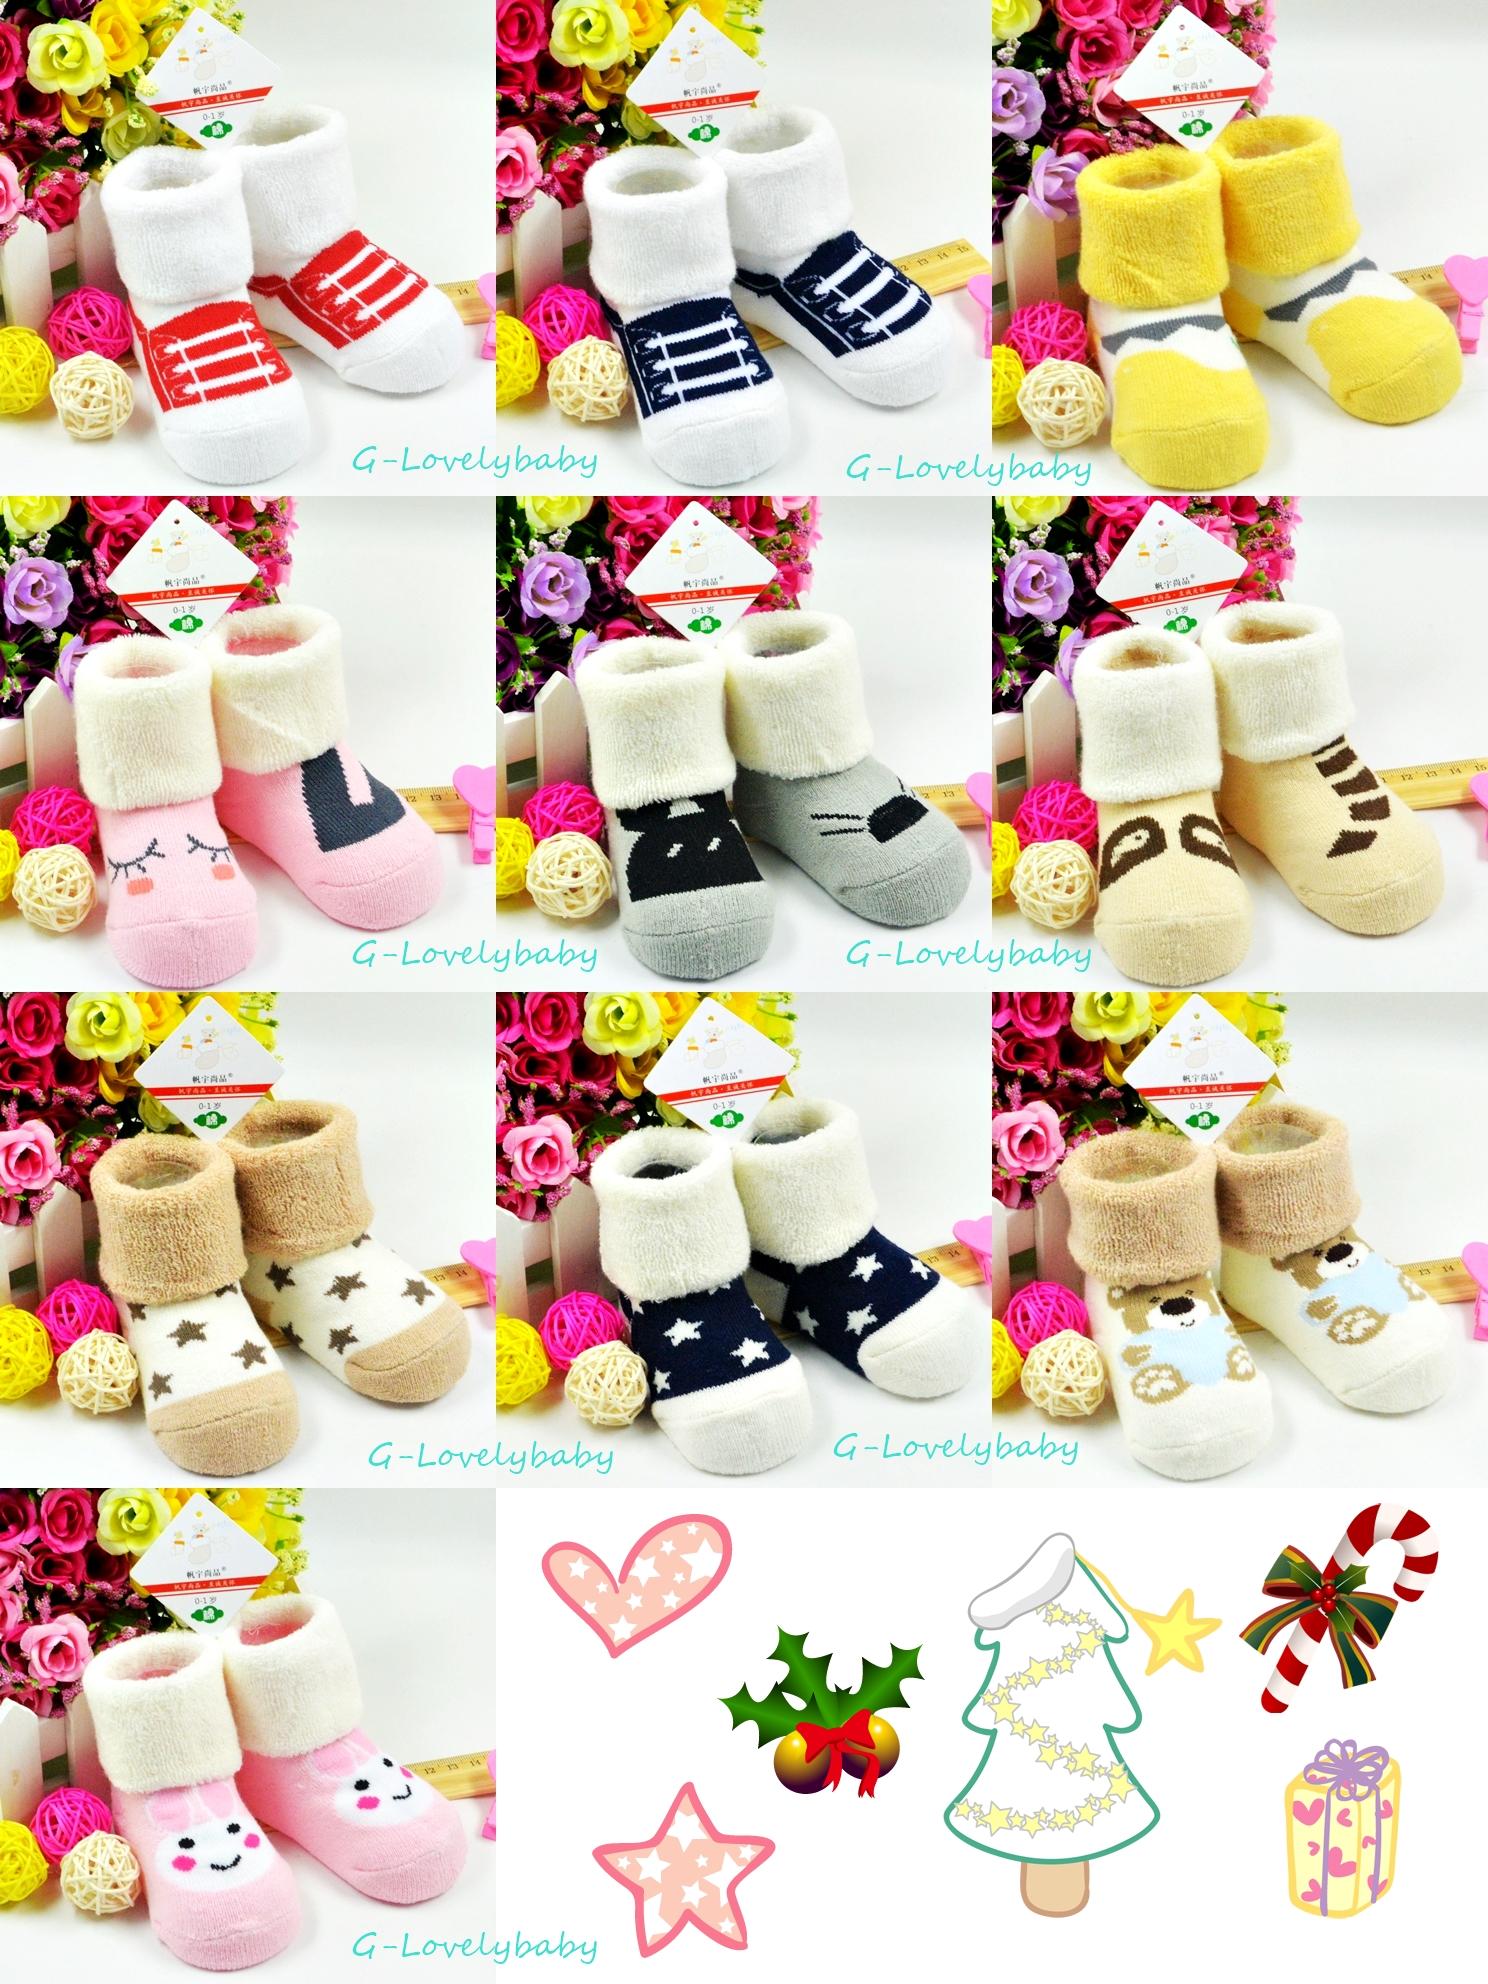 ถุงเท้าเด็ก ถุงเท้าเด็กเล็ก สวมใส่กันหนาว สินค้าเกาหลี ผ้าเทอรี่หนานุ่ม ลายการ์ตูนน่ารัก